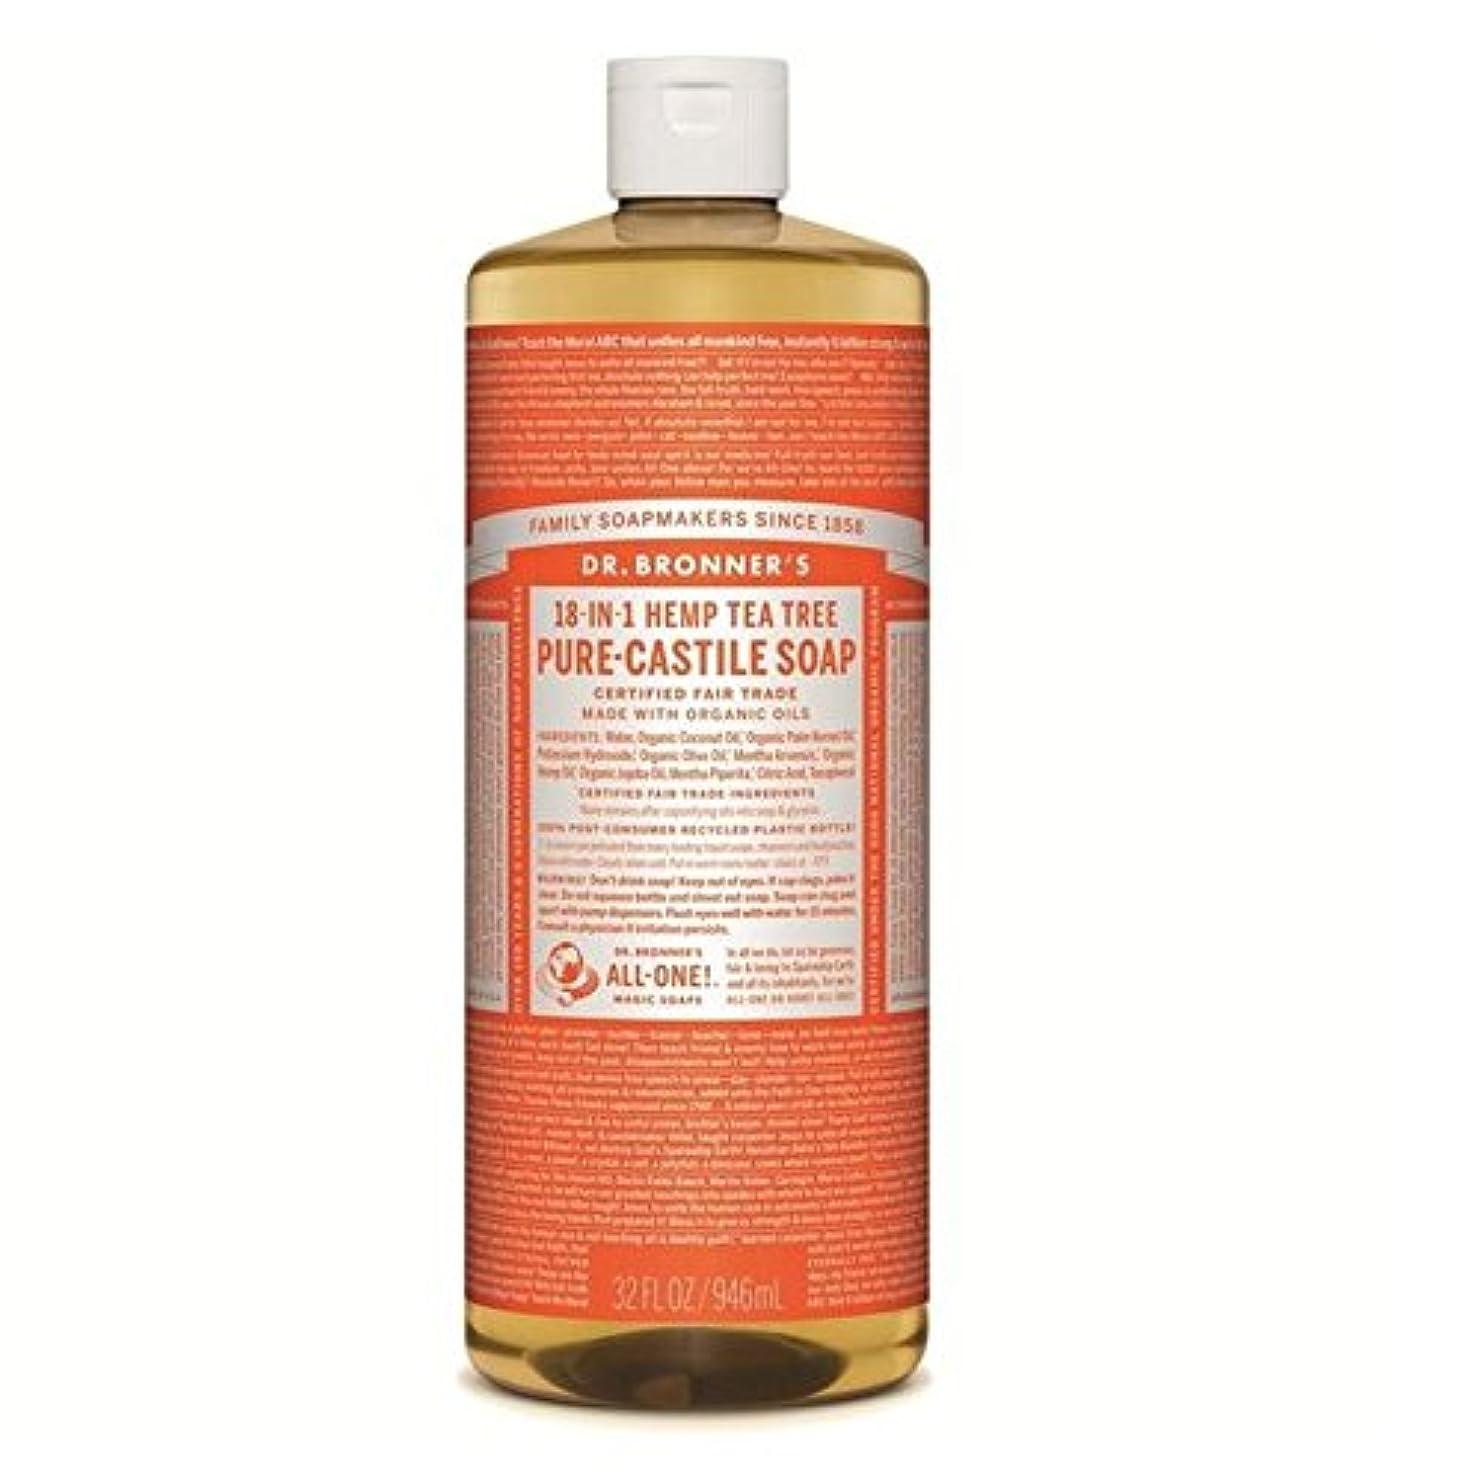 重要な役割を果たす、中心的な手段となる著作権簡略化するDr Bronner Organic Tea Tree Castile Liquid Soap 946ml - のブロナーオーガニックティーツリーカスティーリャ液体石鹸946ミリリットル [並行輸入品]